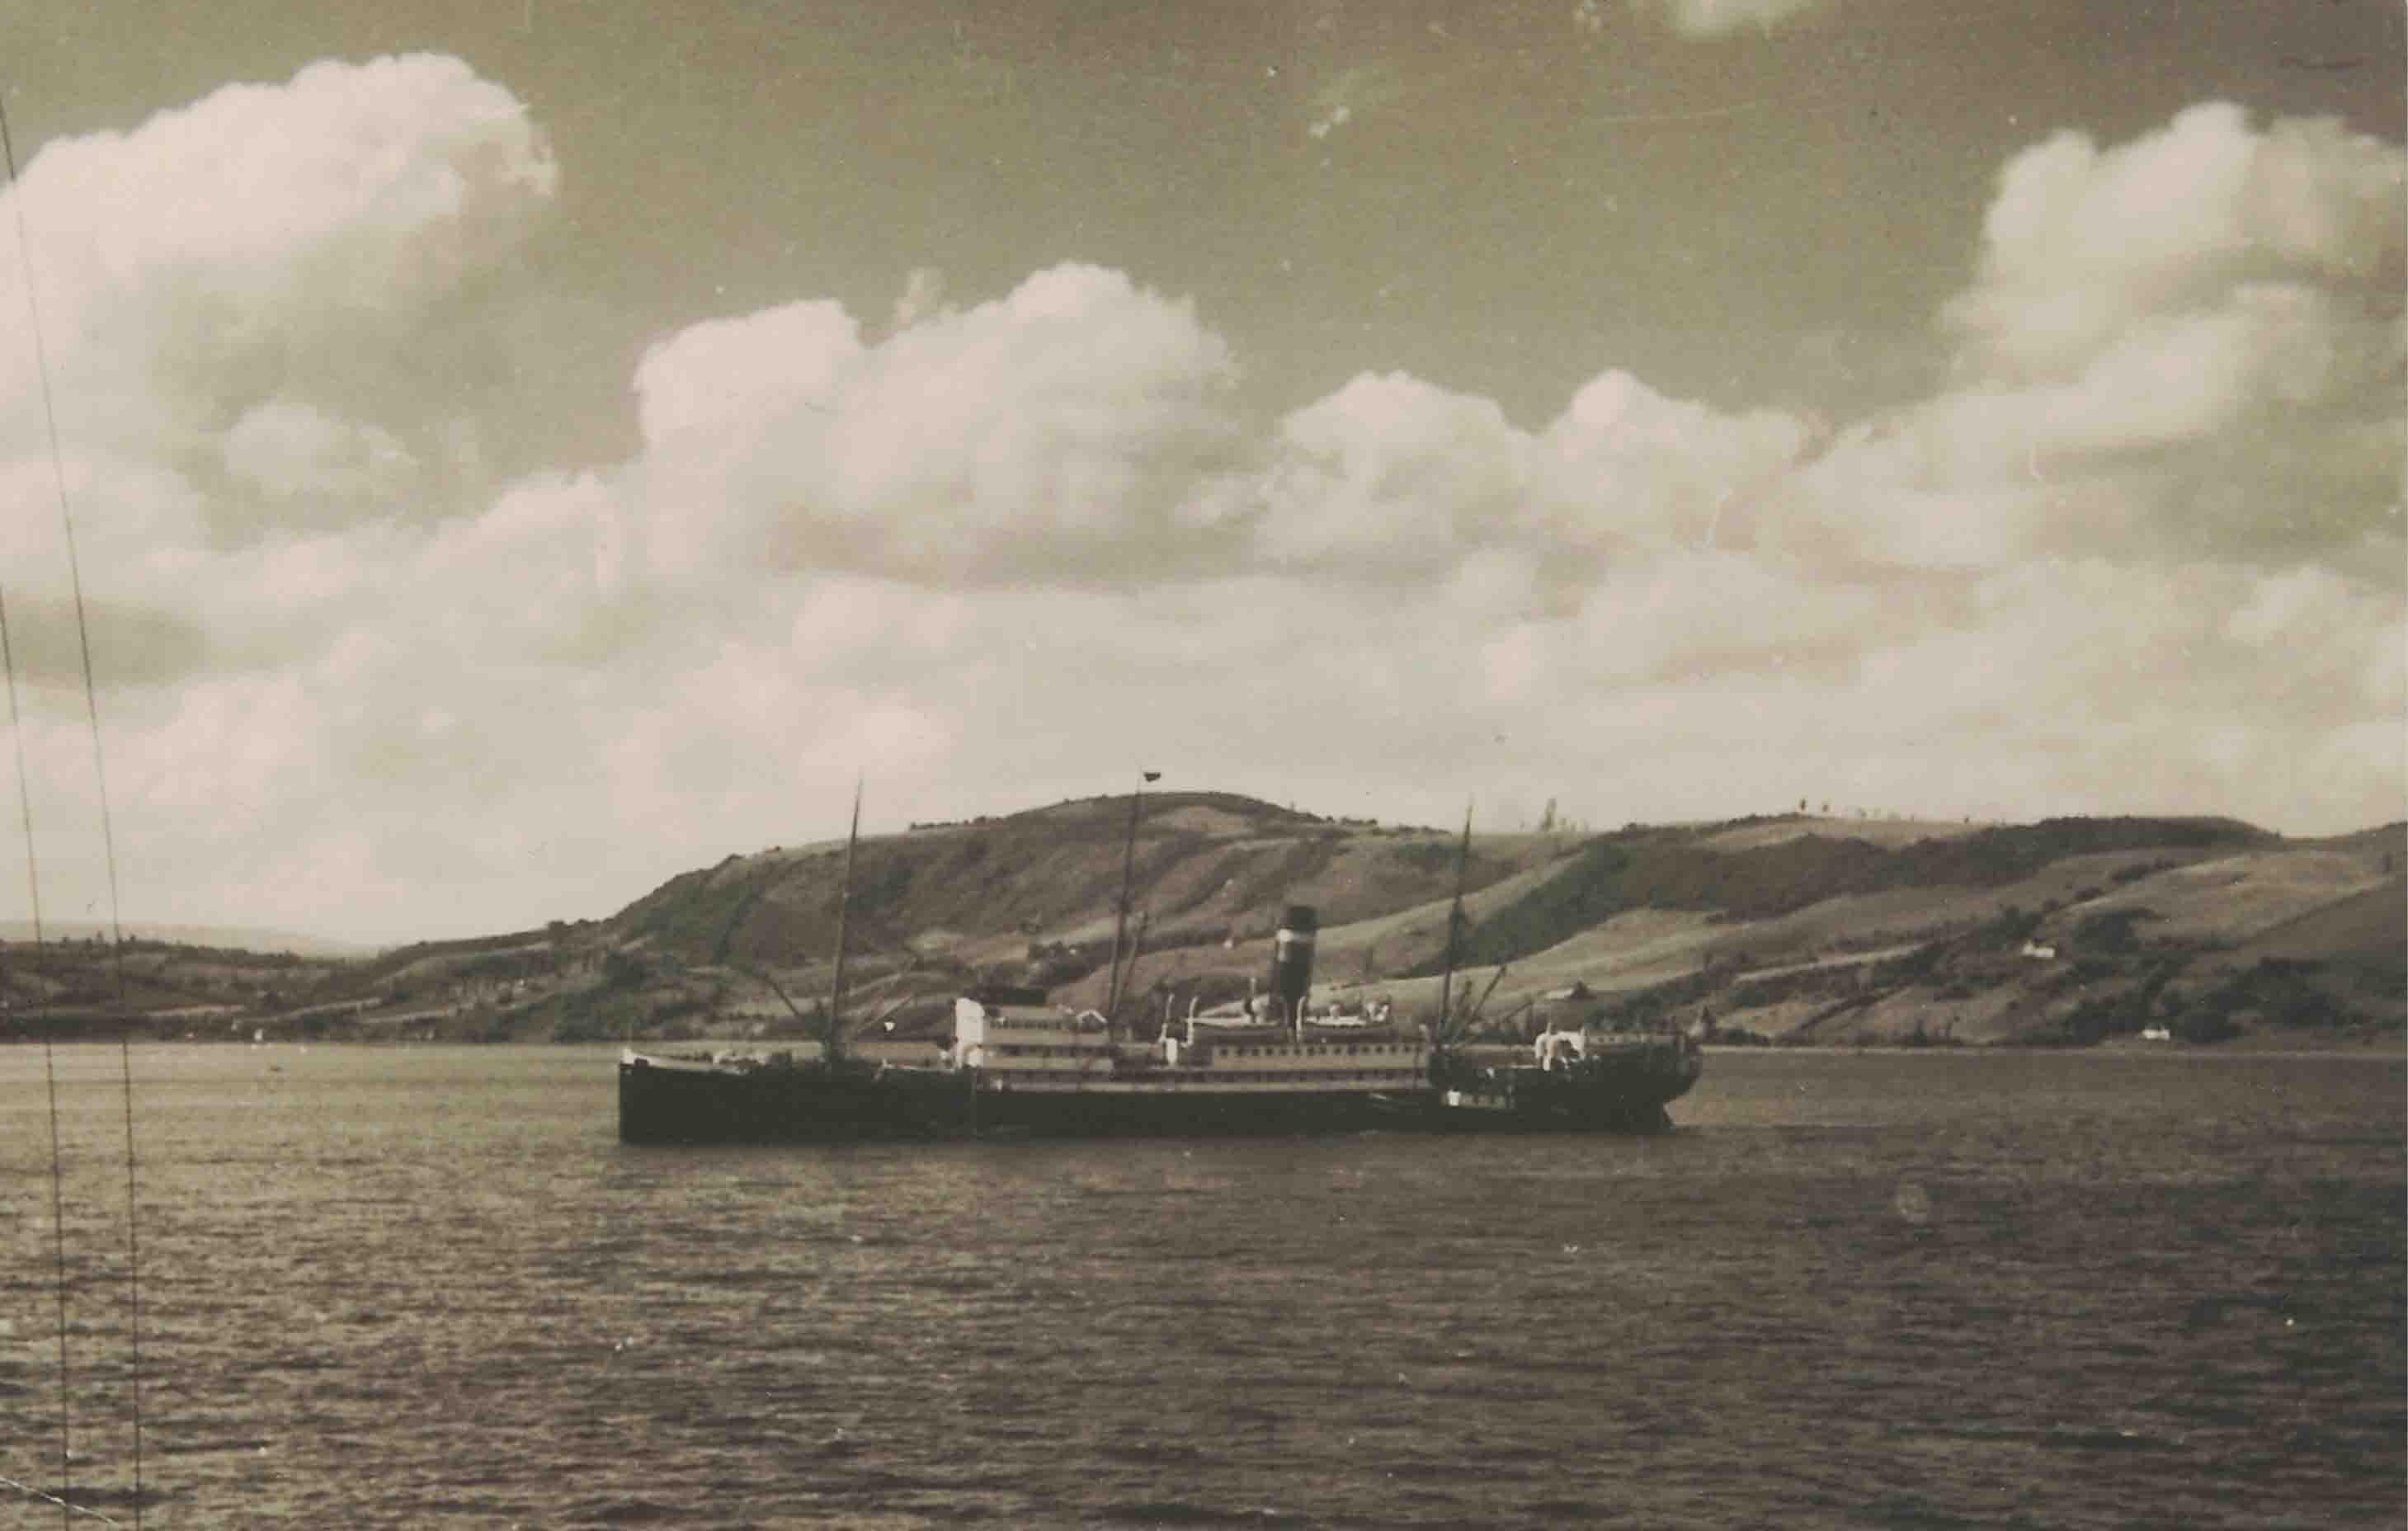 Enterreno - Fotos históricas de chile - fotos antiguas de Chile - Barco en algún lugar de la PAtagonia en 1940